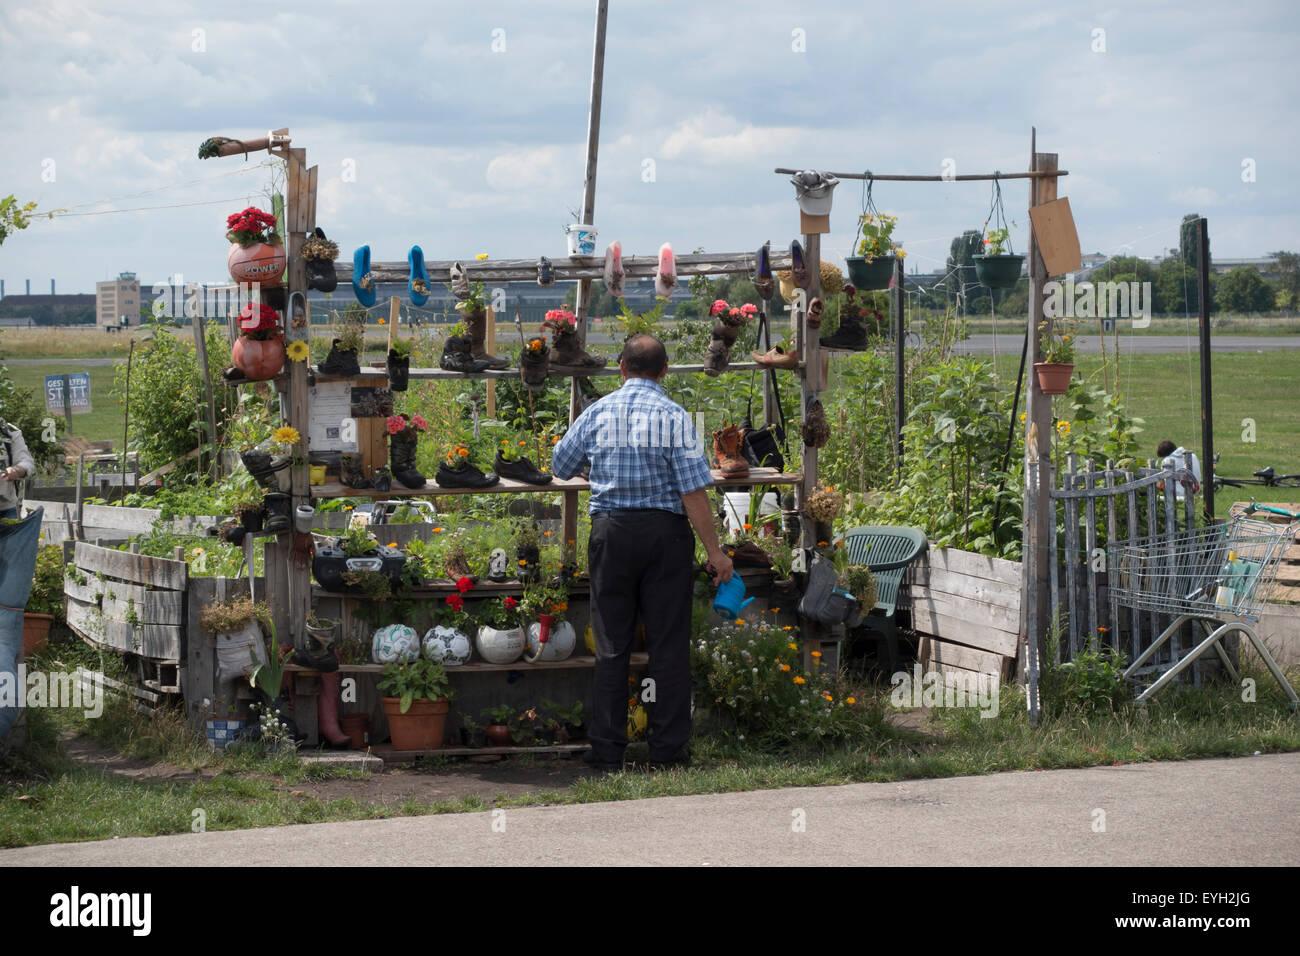 Gartengrundstück berlin  Garten-Grundstück am Flughafen Tempelhof, Berlin, Deutschland ...